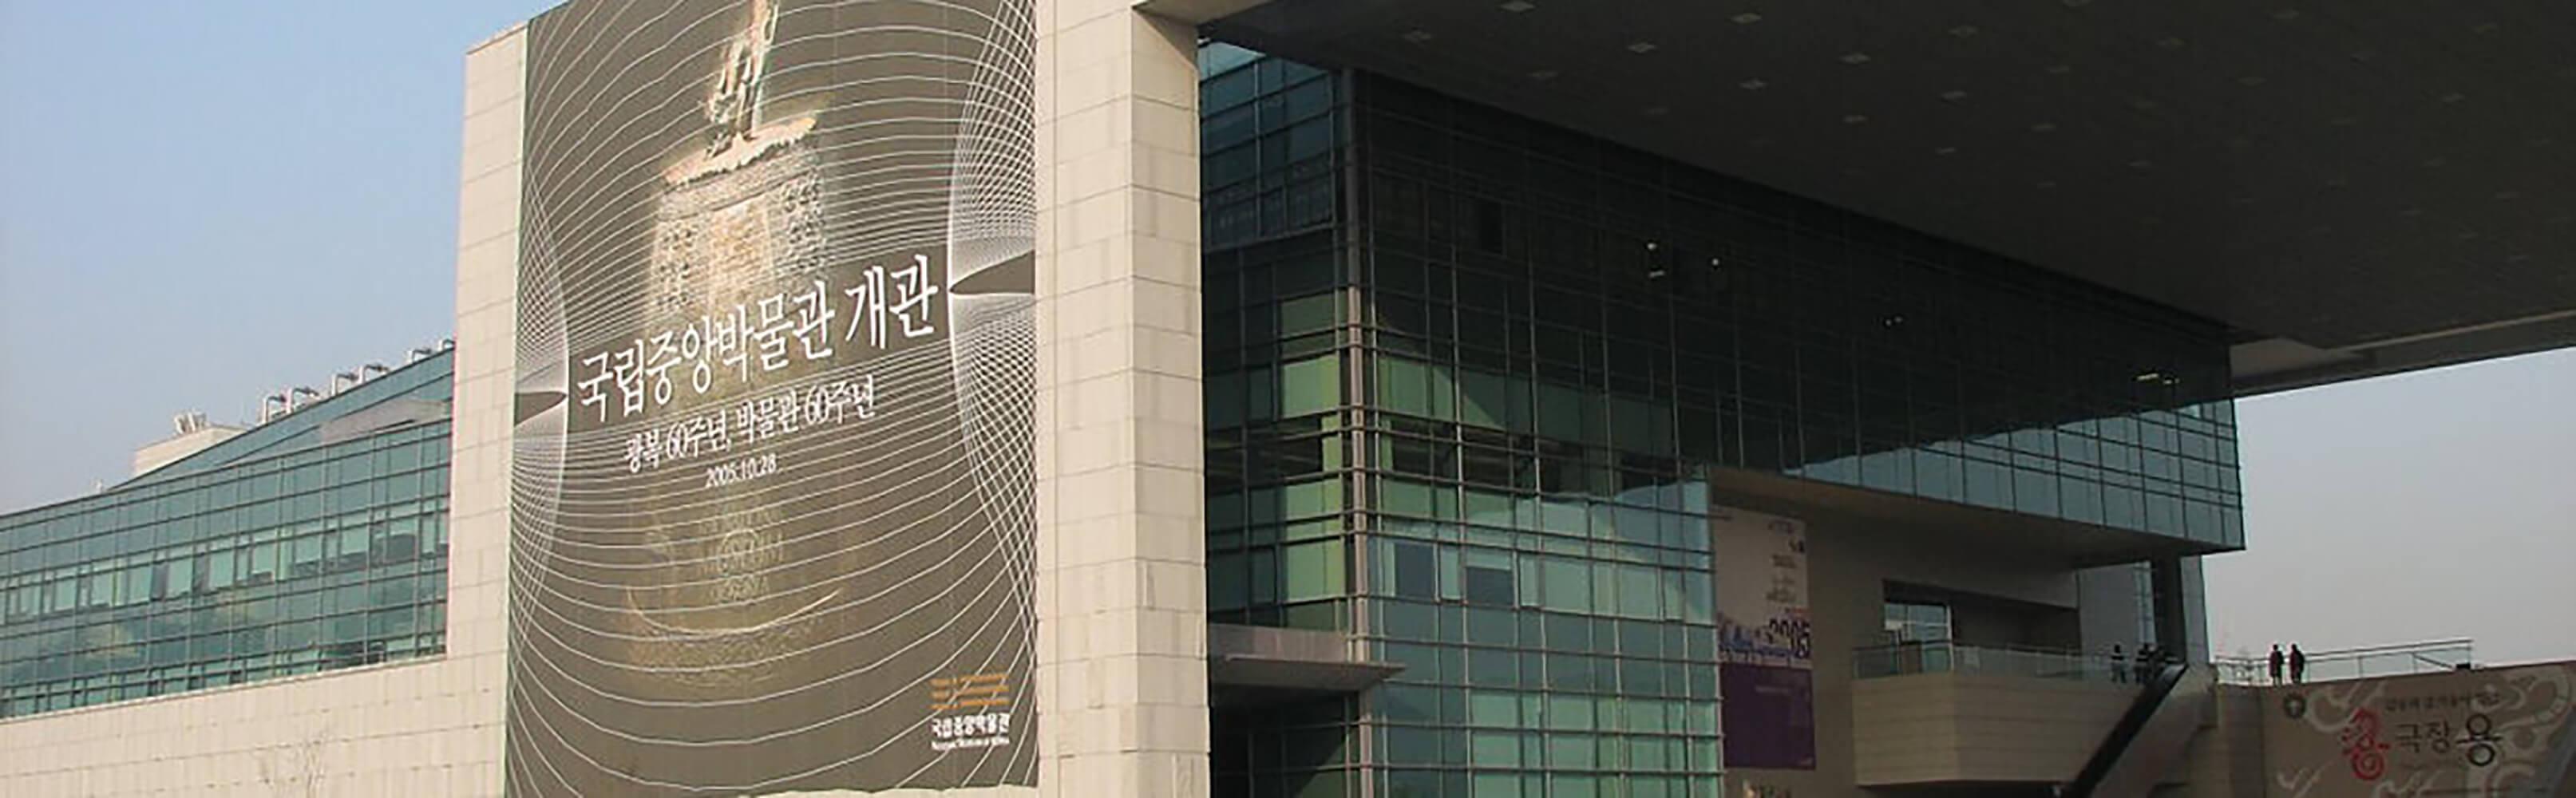 Koreanisches Nationalmuseum Seoul 1